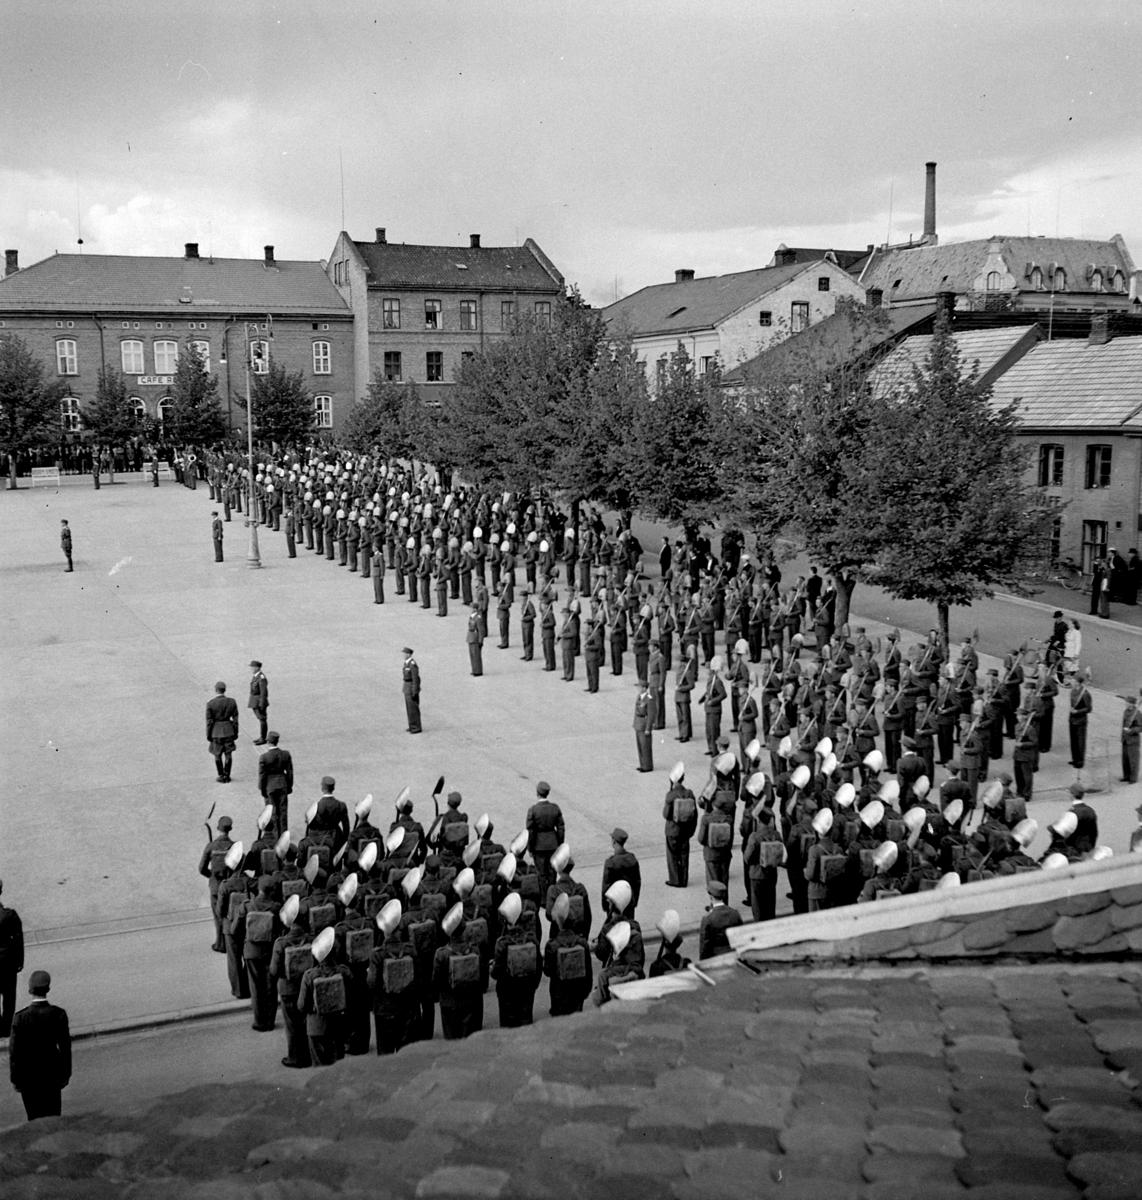 Hedmark Arbeidsfylkings idrettsstevne på Hamar. 27-28 juni 1942. Dette var en organisasjon som prøvde å mobilisere ungdom til å gjøre samfunnsnyttig arbeid. Organisasjonen kom under stor innflytelse fra Nasjonal Samling, NS. Her står mannskapet oppstilt på Stortorget under åpningen av stevnet.  Se NO-09172-01 til NO-09172-13.